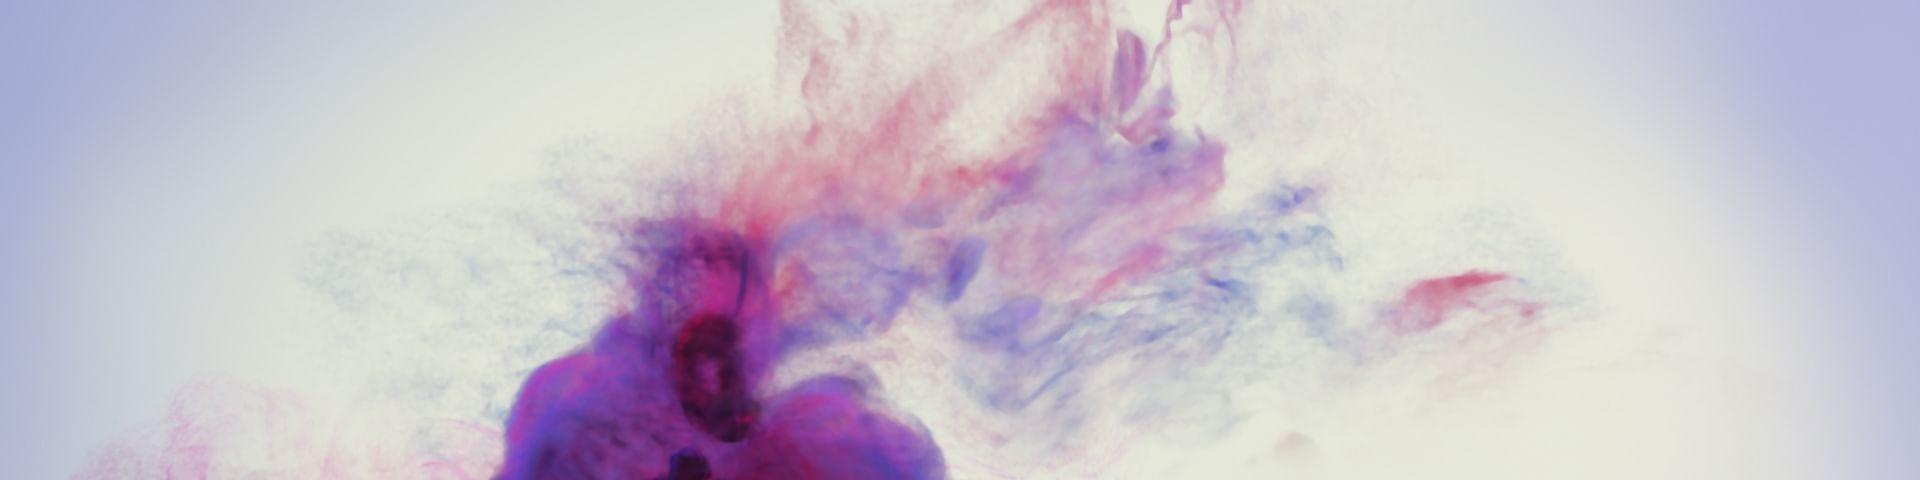 Ebola - Das Virus überleben